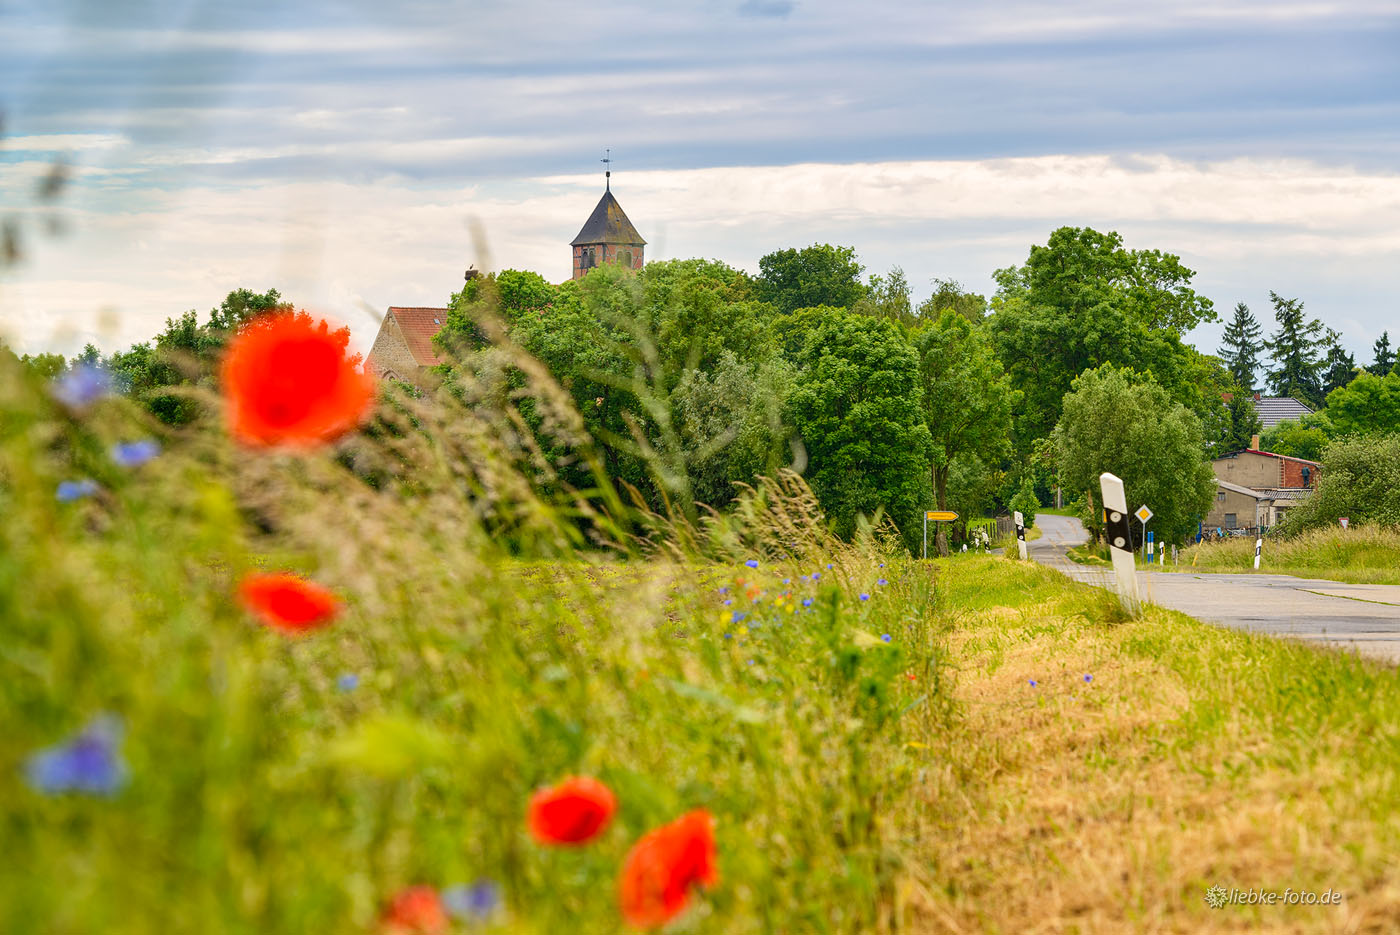 Die Kirche mit Storchennest in Hetzdorf in der Uckermark